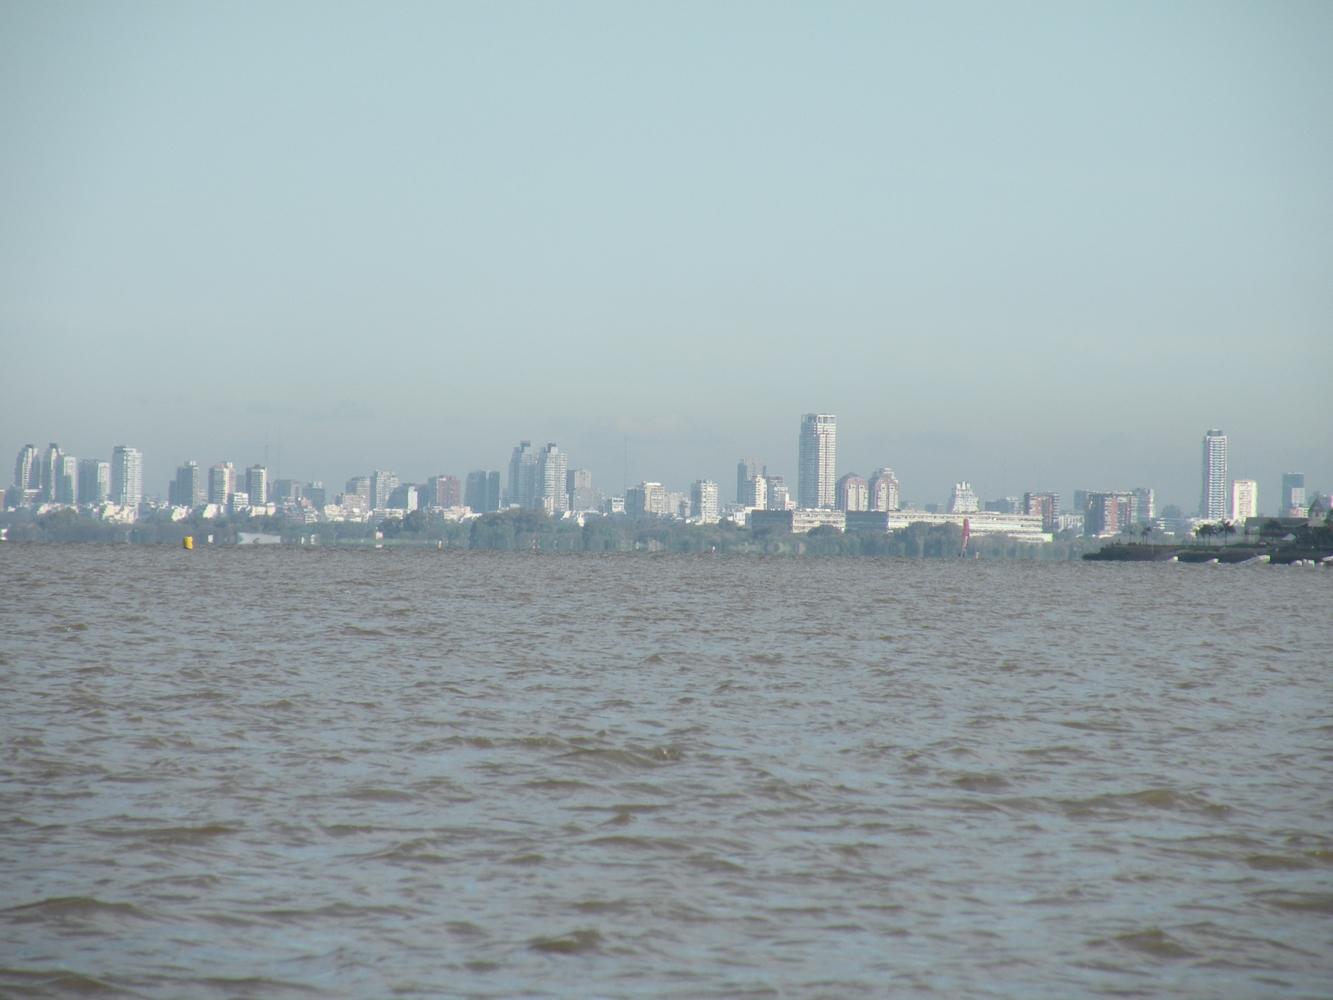 Vue depuis le río de la Plata - Buenos Aires